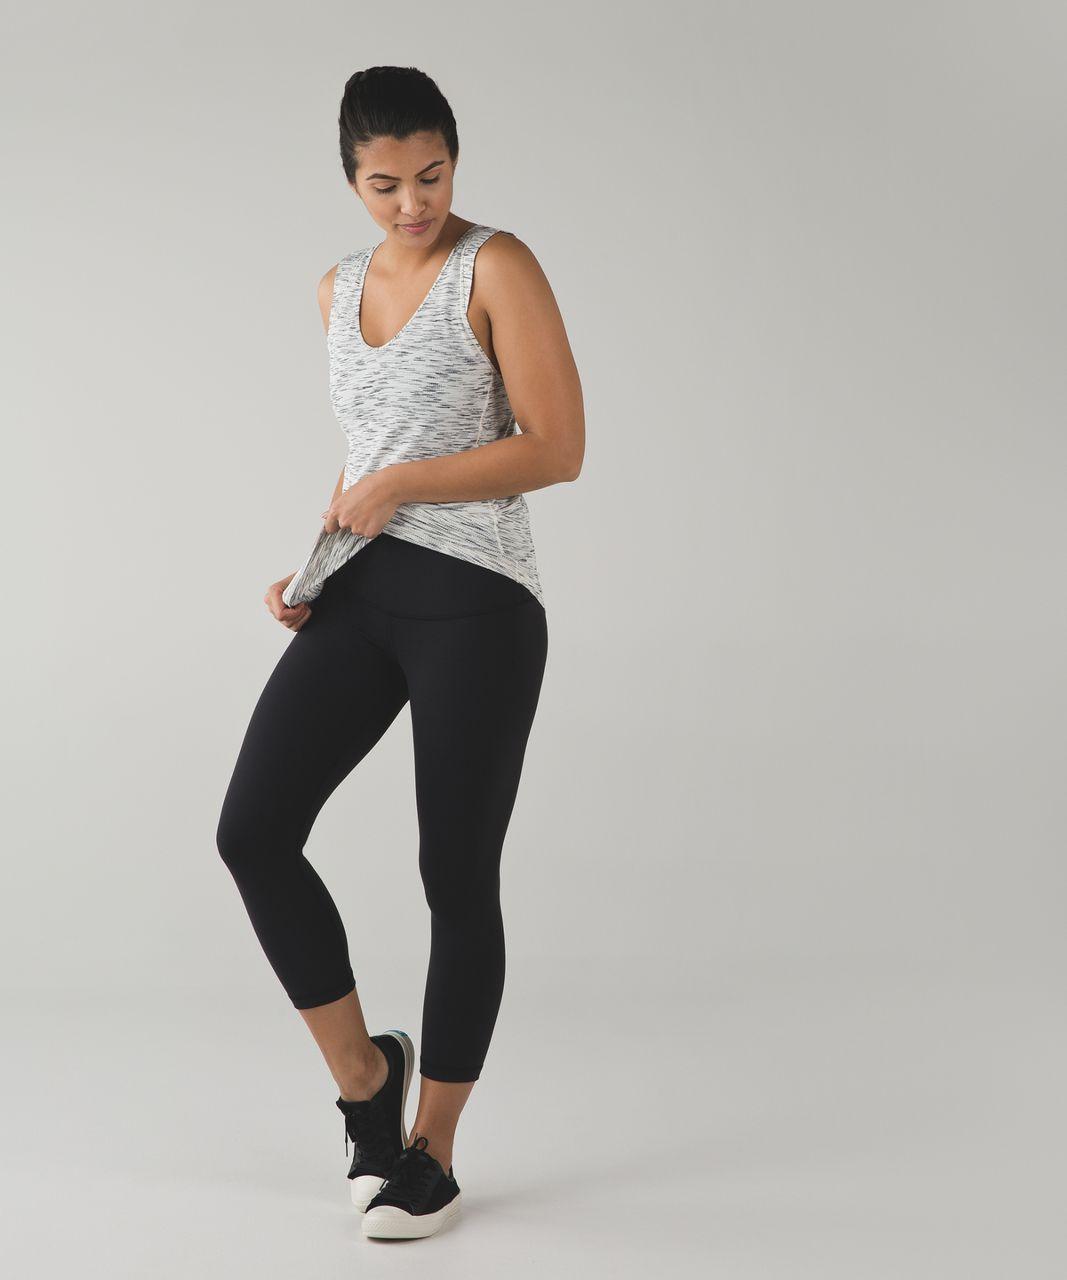 Lululemon Sweat It Out Tank - Tiger Space Dye Black White